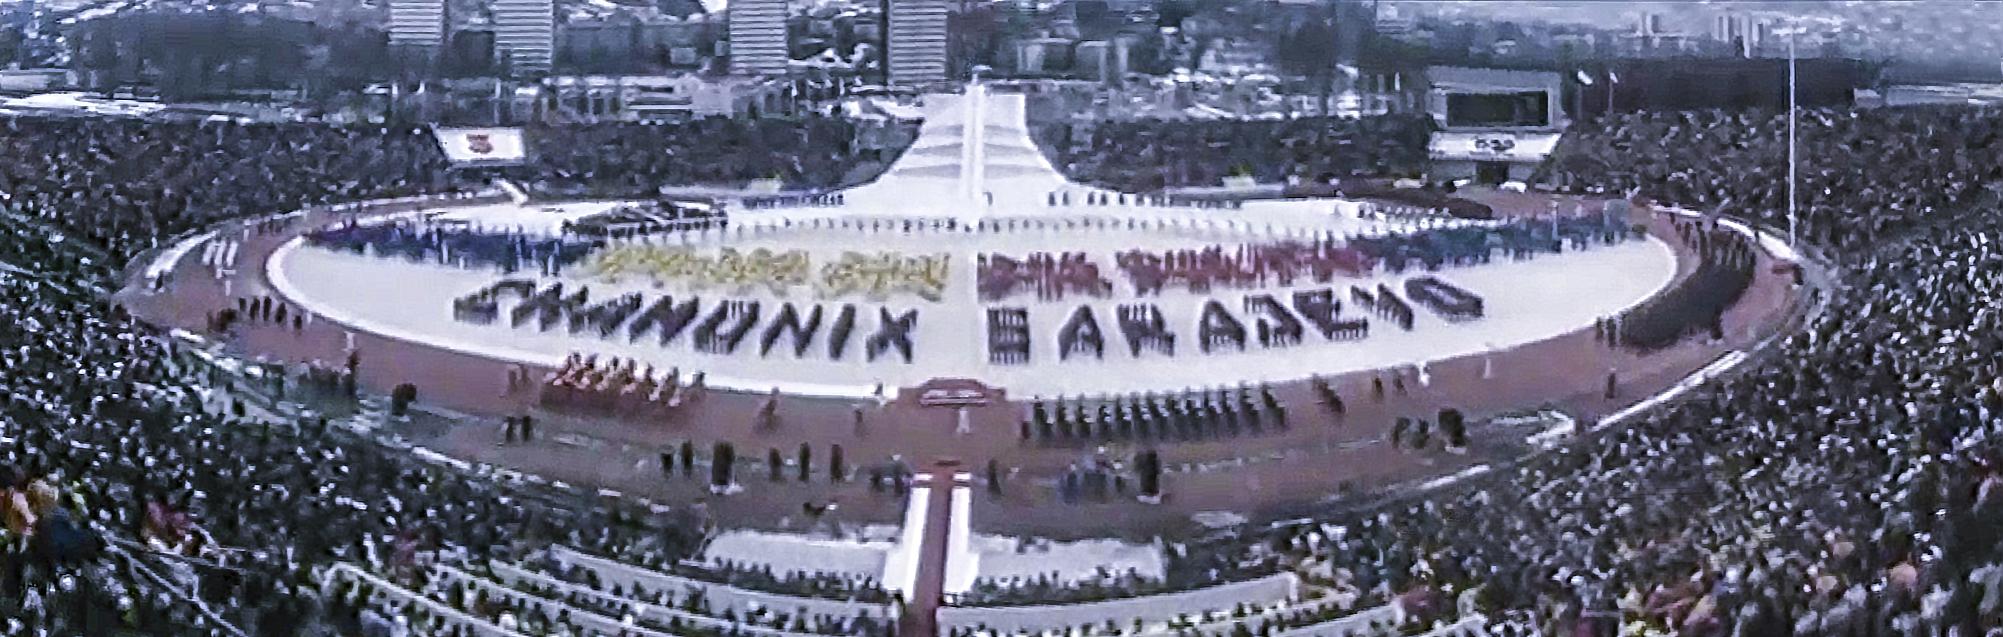 Olympics 1984 Sarajevo photo